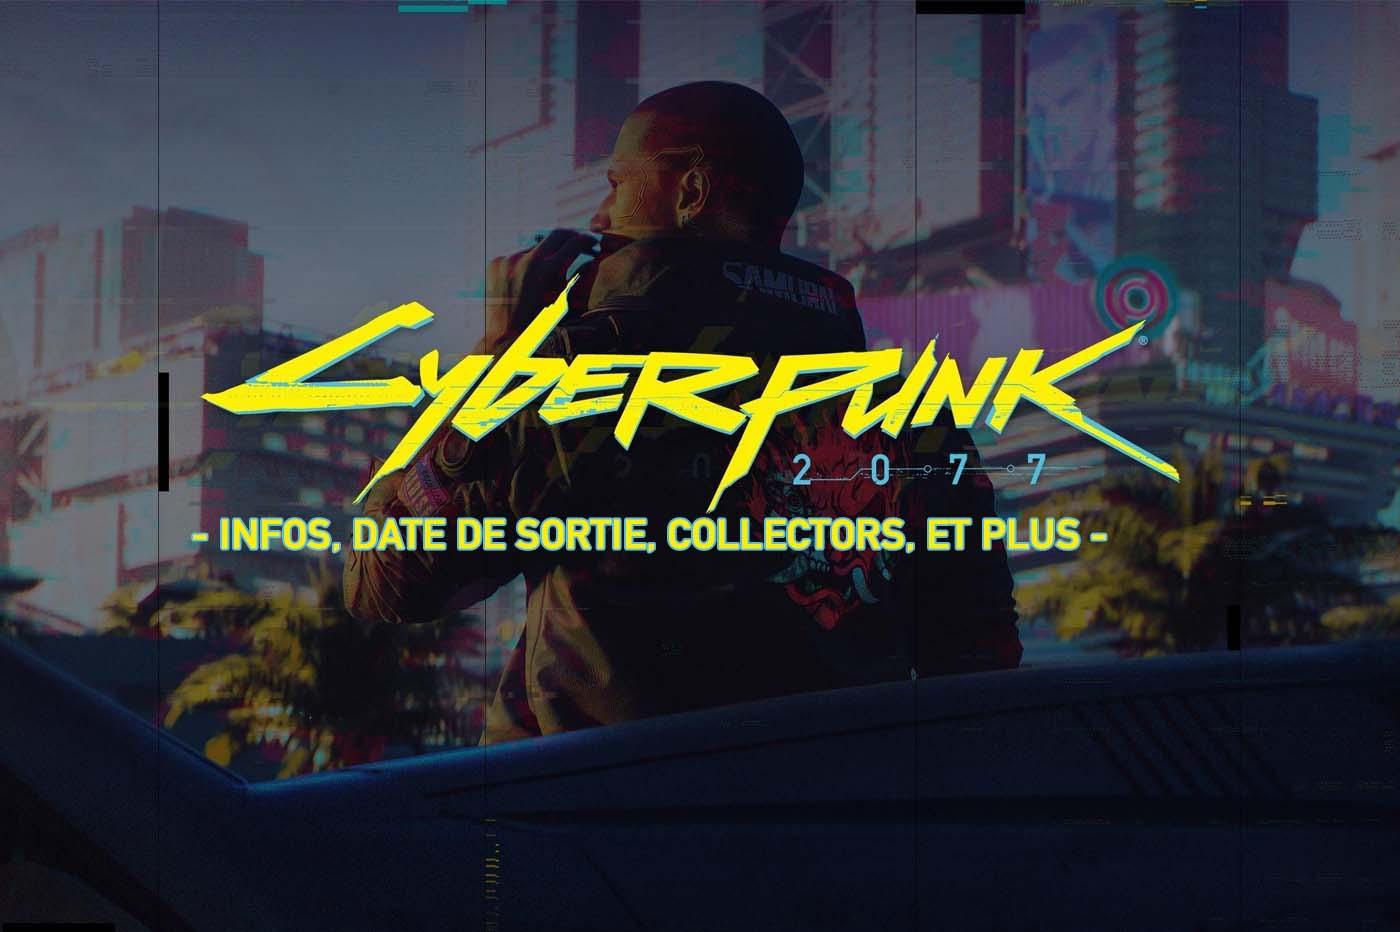 Cyberpunk 2077 : Infos, date de sortie, collector, détails...